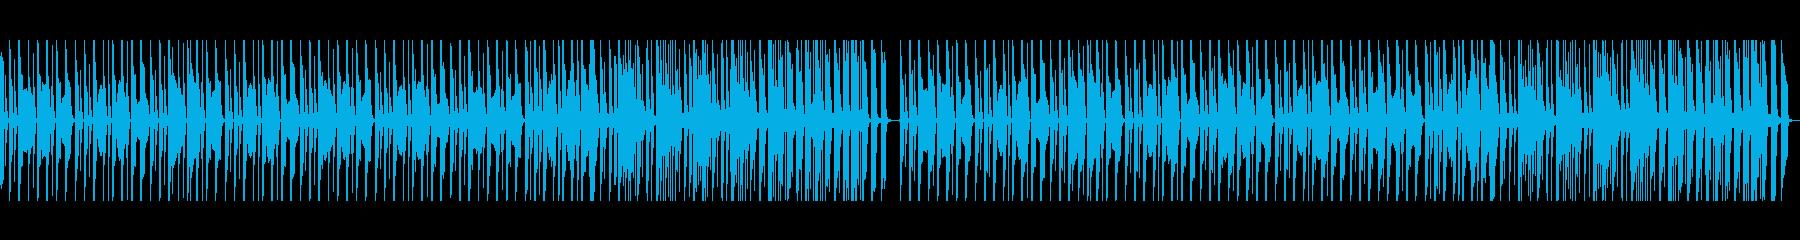 ペット動画に、コミカルな行進曲の再生済みの波形